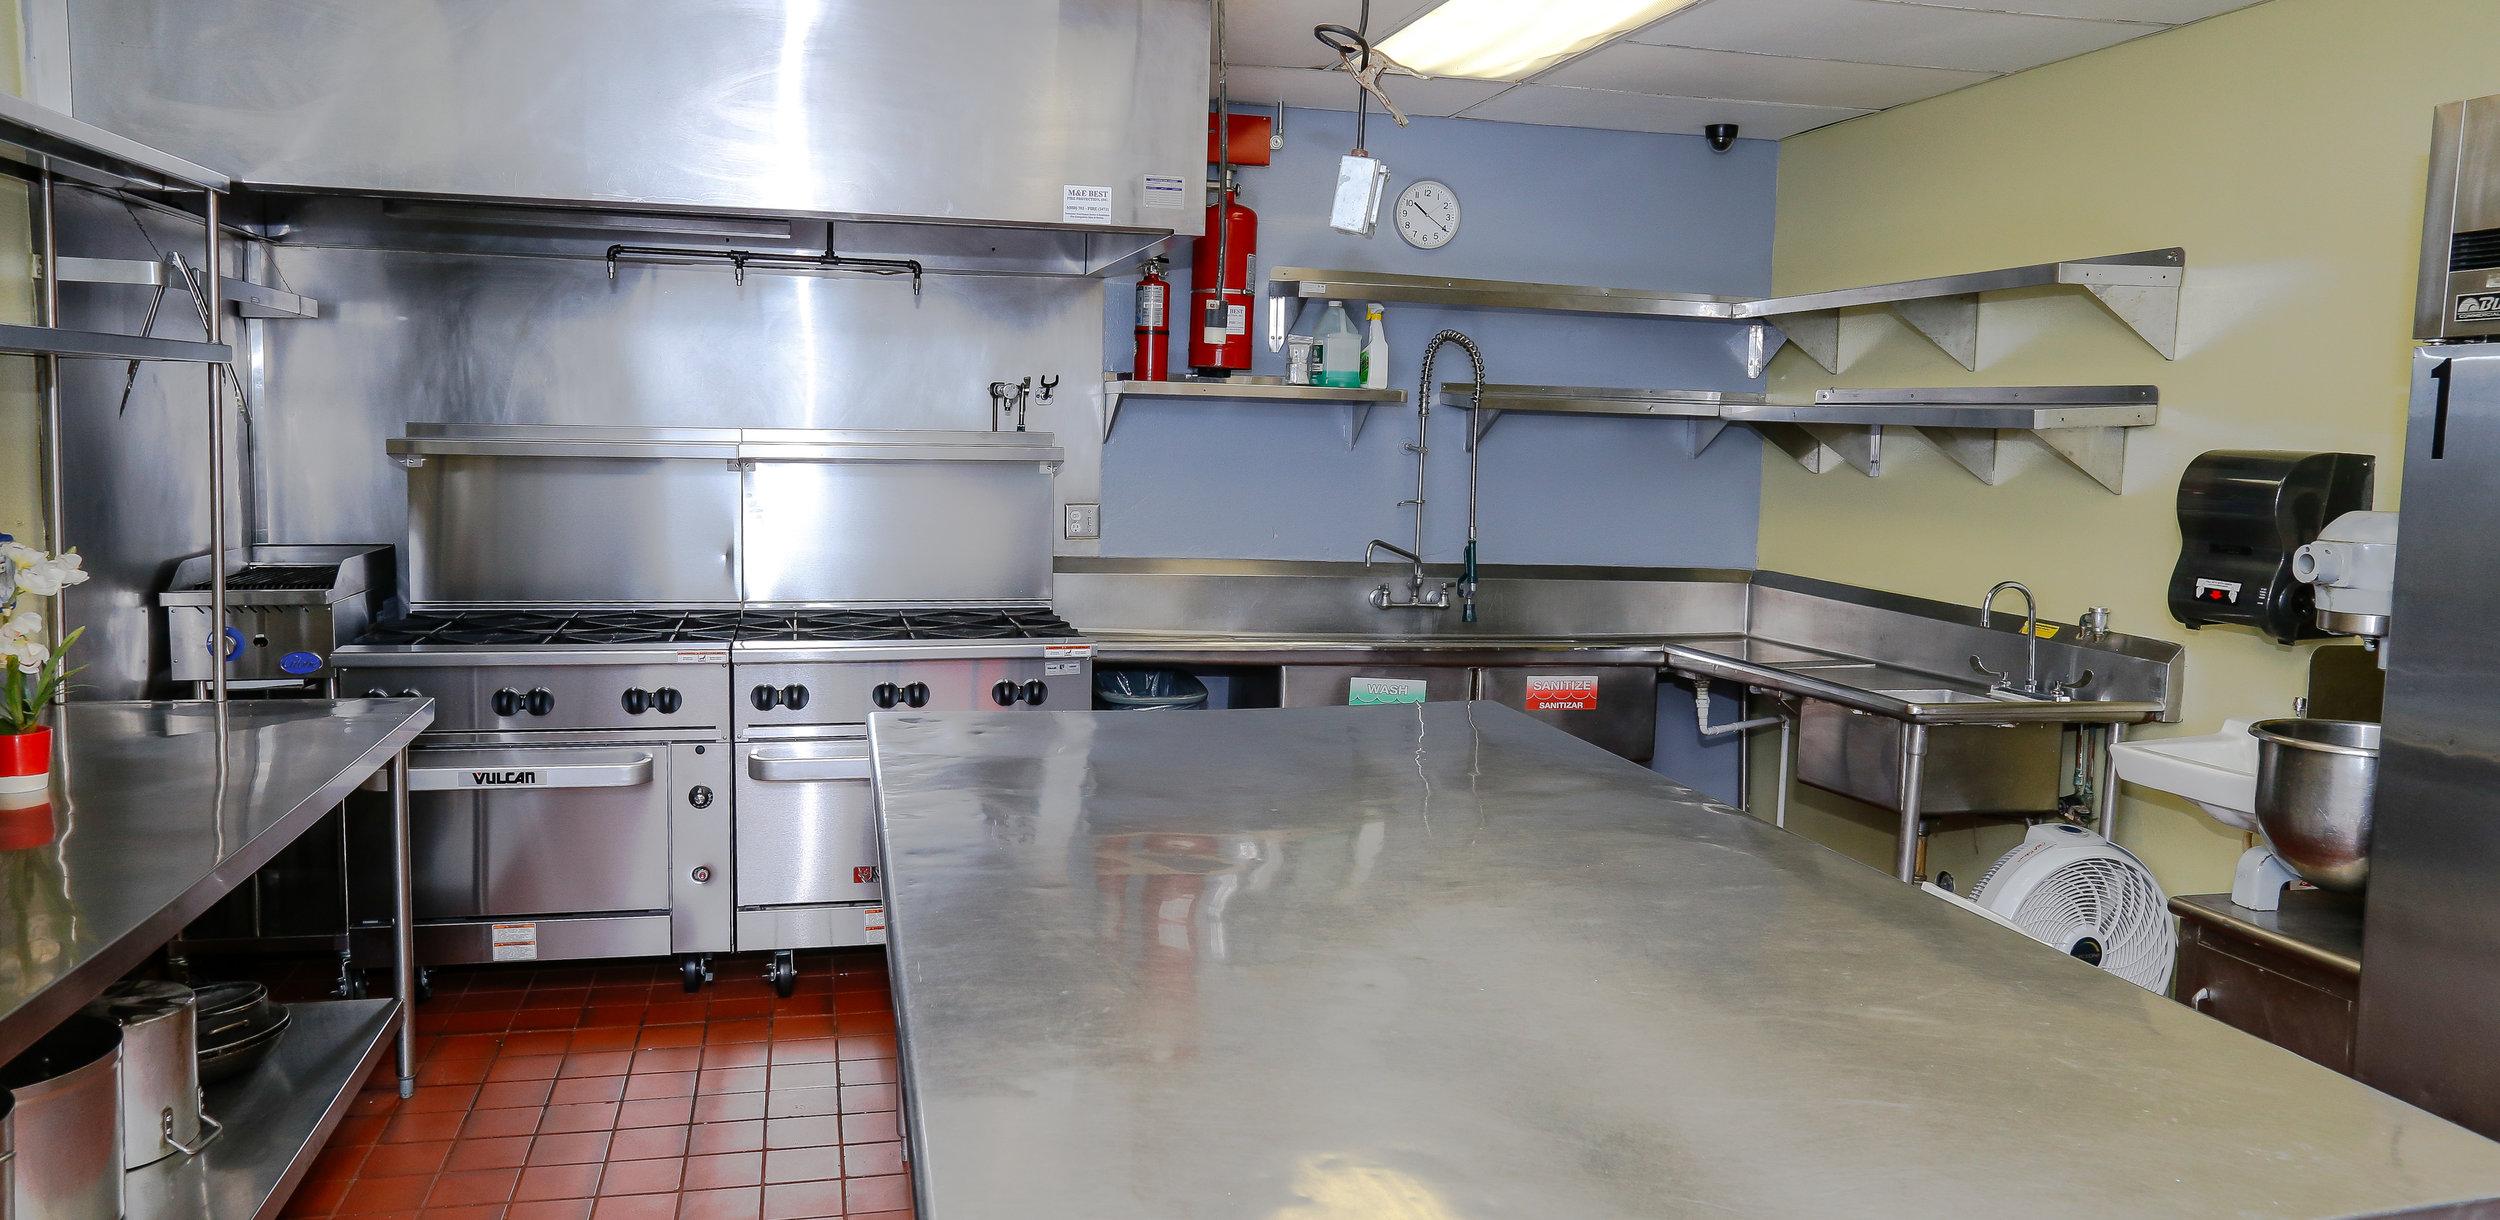 Chef S Kitchens